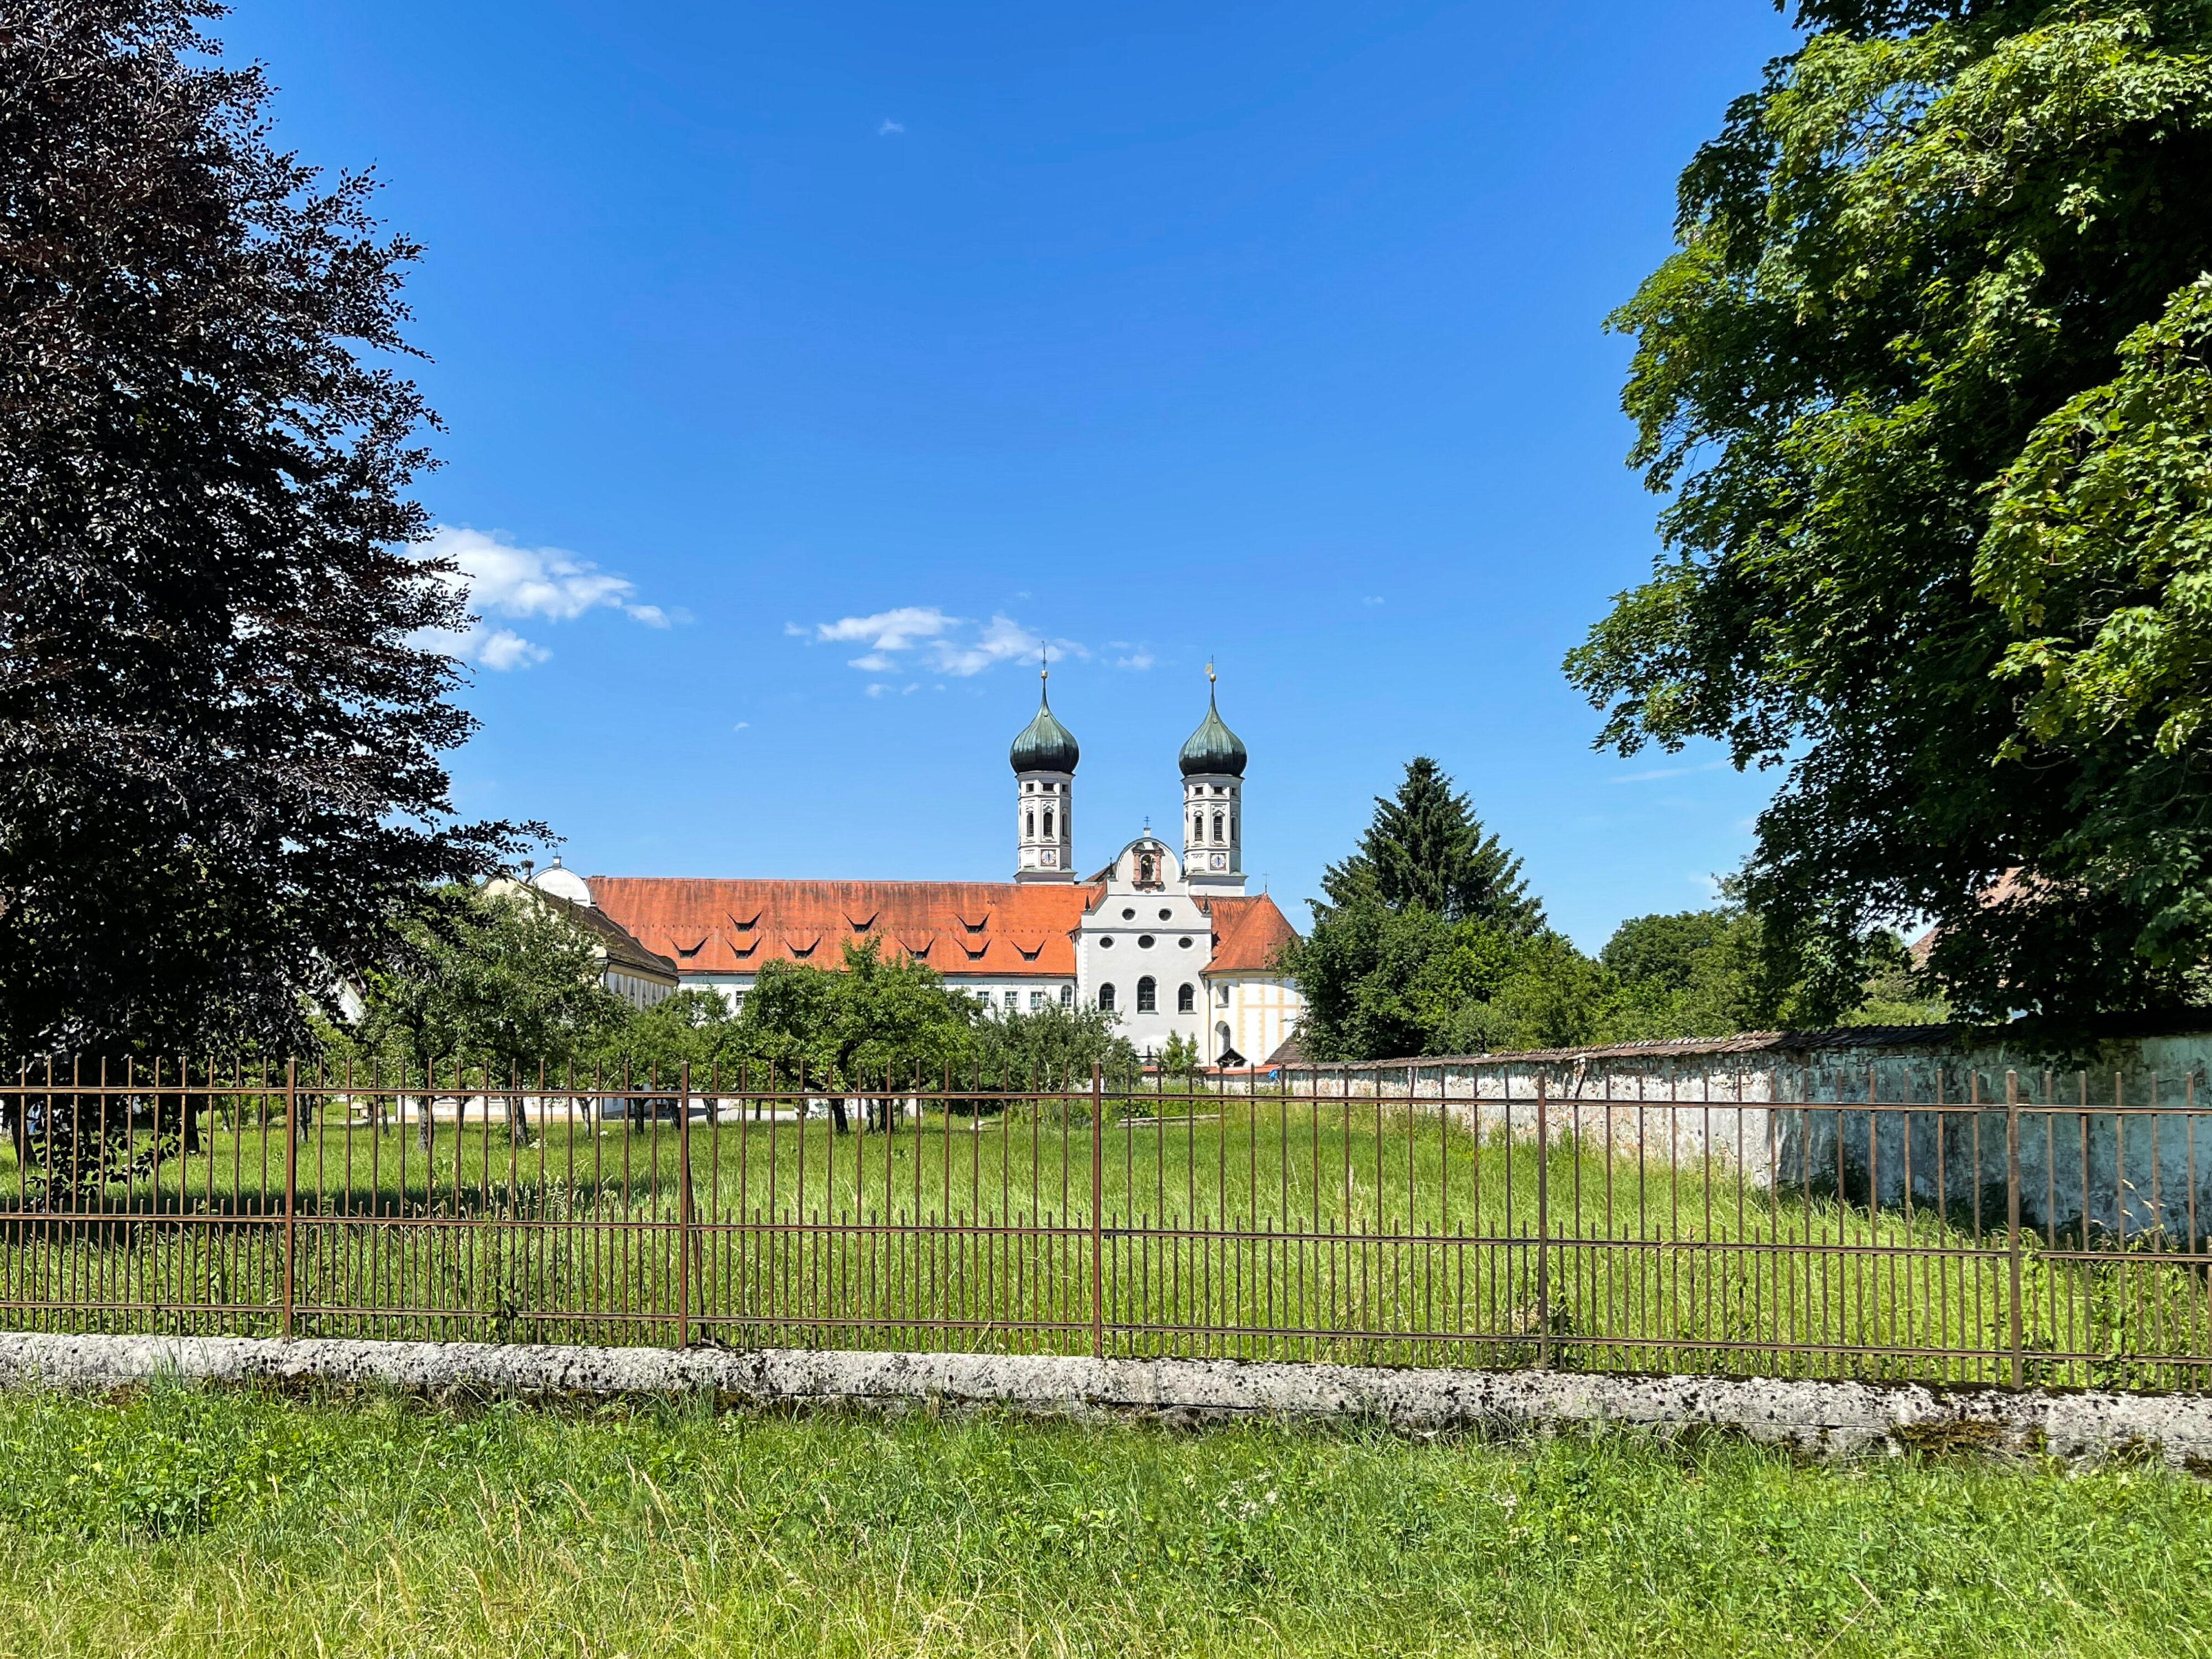 Ferien auf dem Bauernhof bei Kochel am See: Kloster benediktbeuren